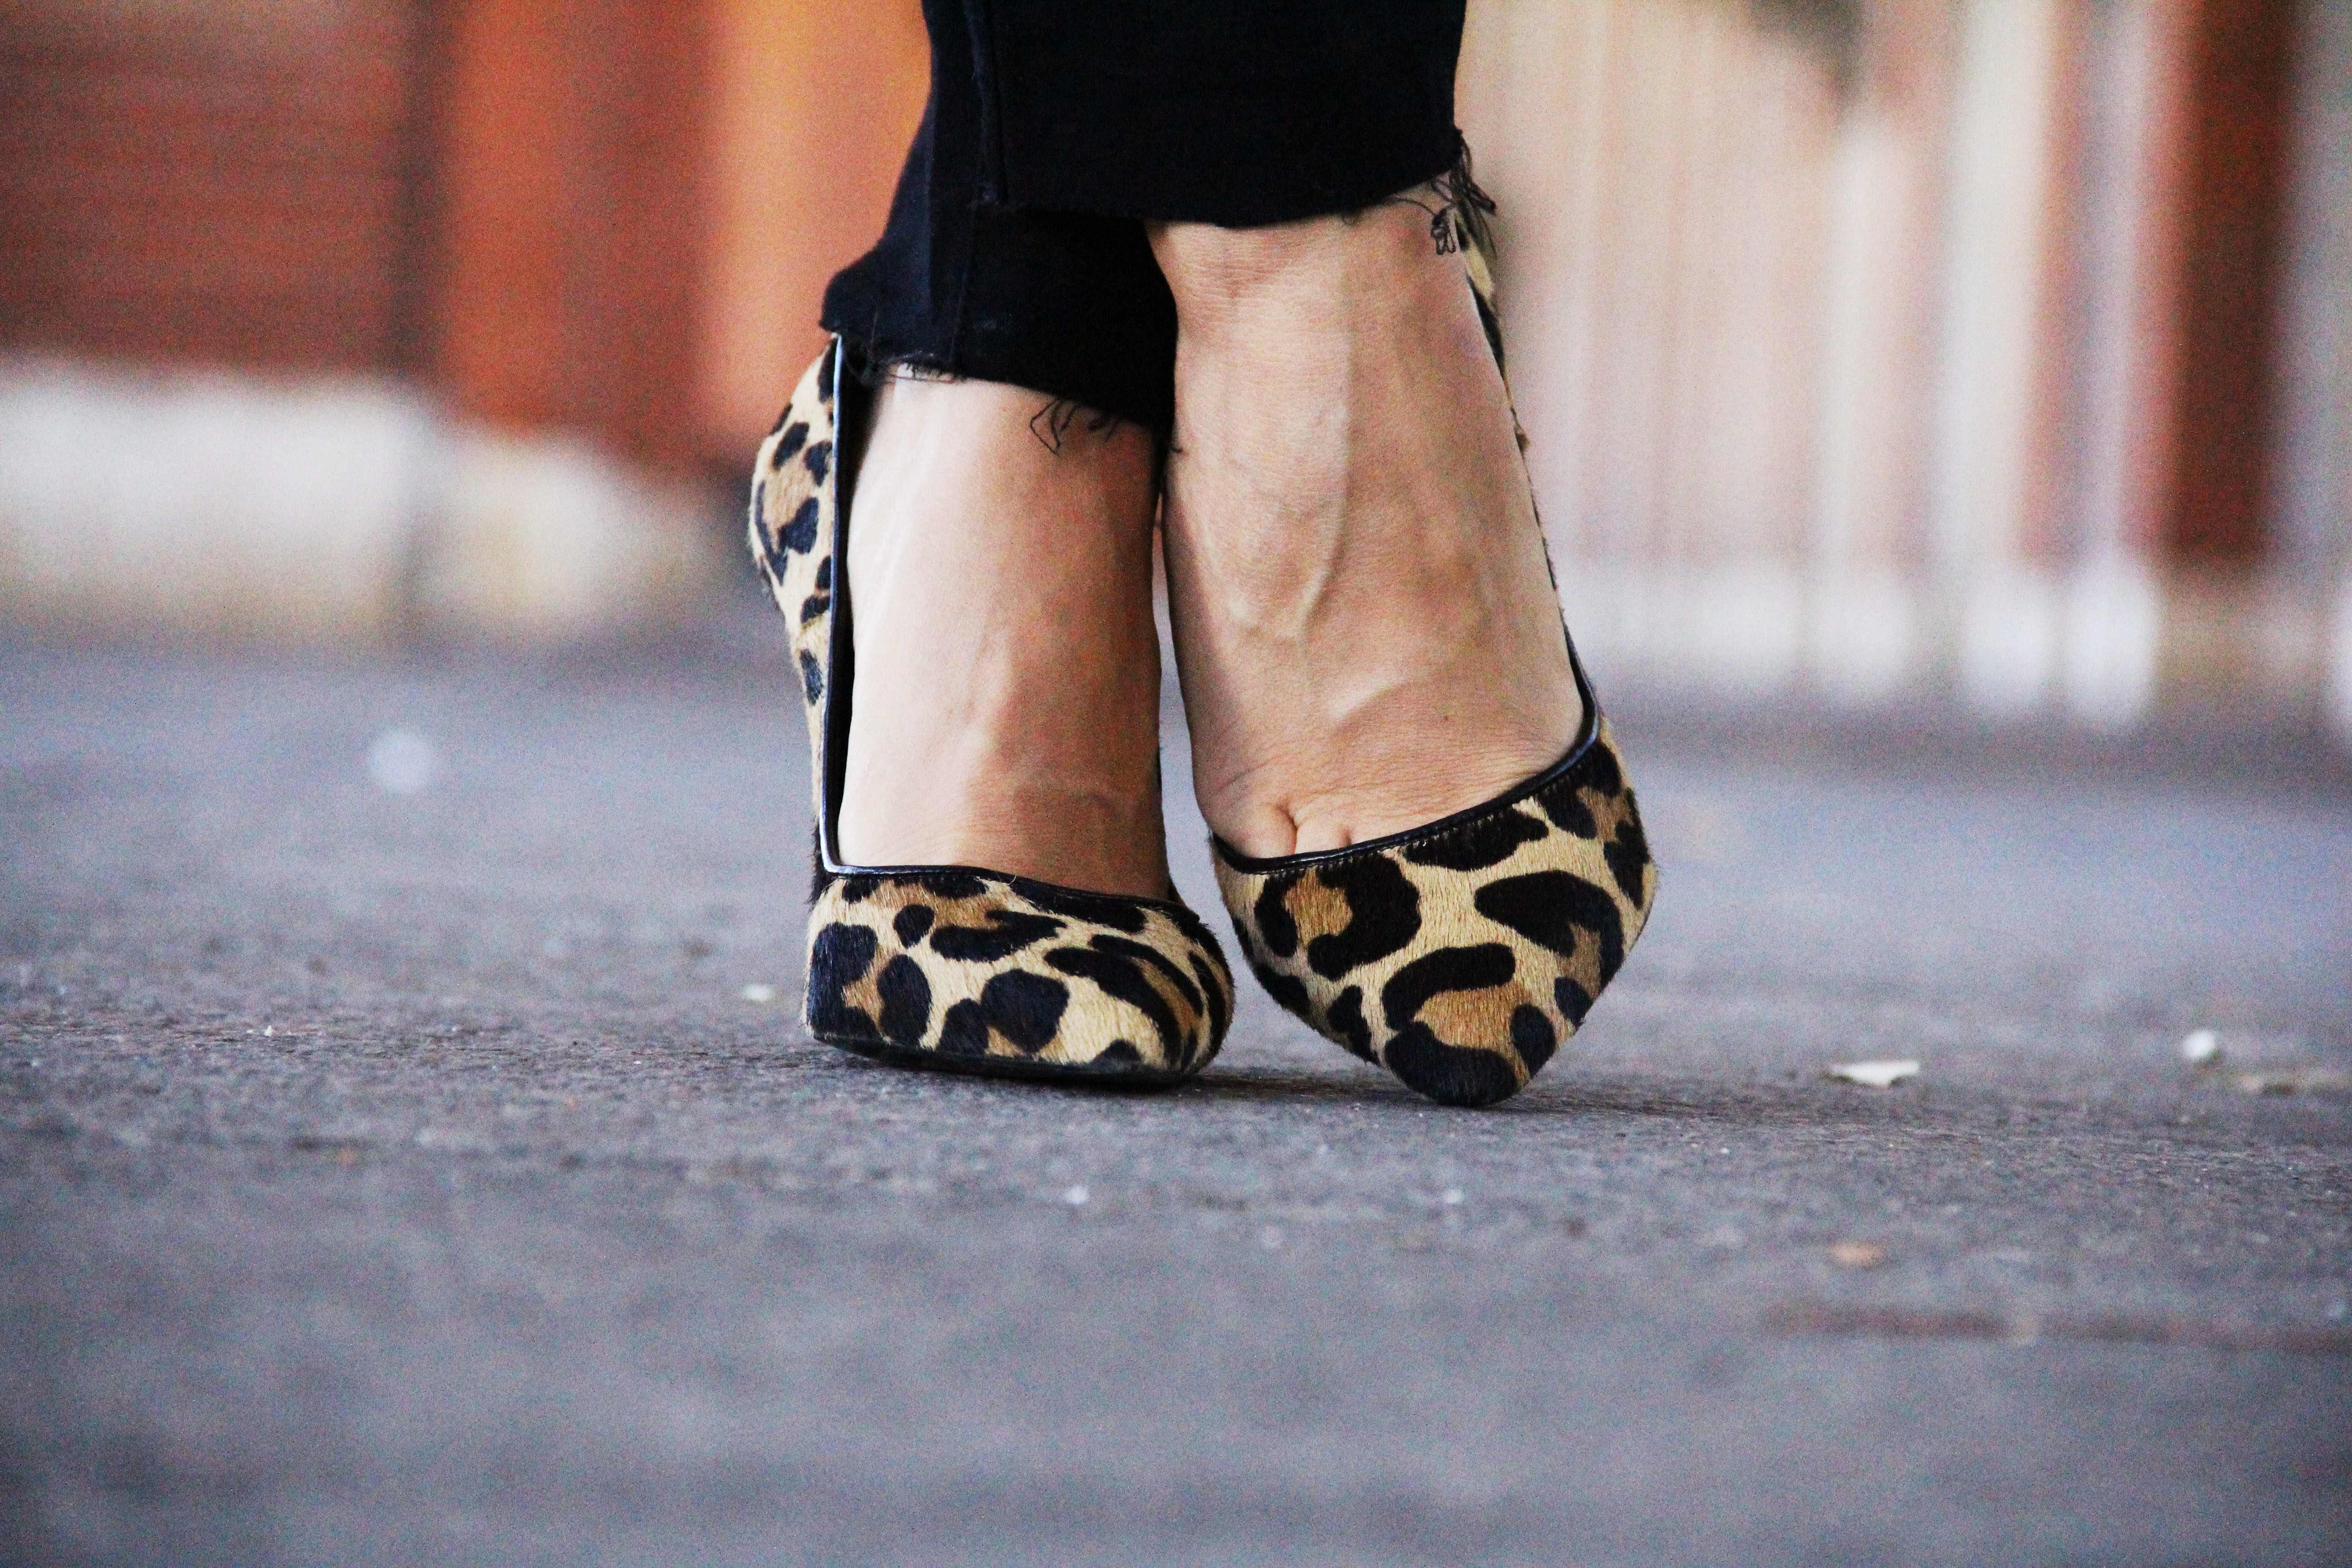 zapatosanimalprint04